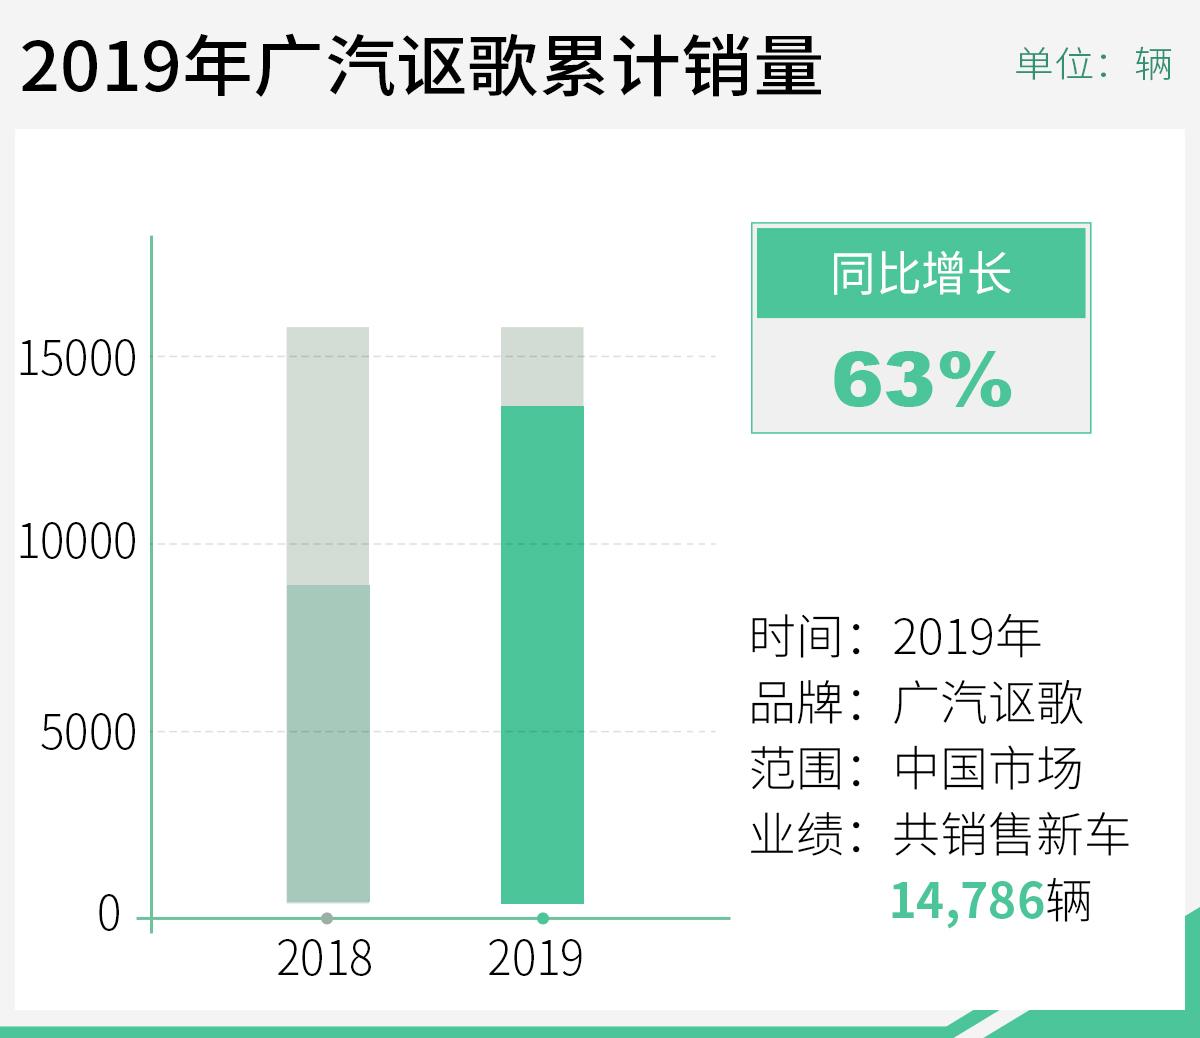 广汽讴歌2019年销量大增63%年内将推3款新车